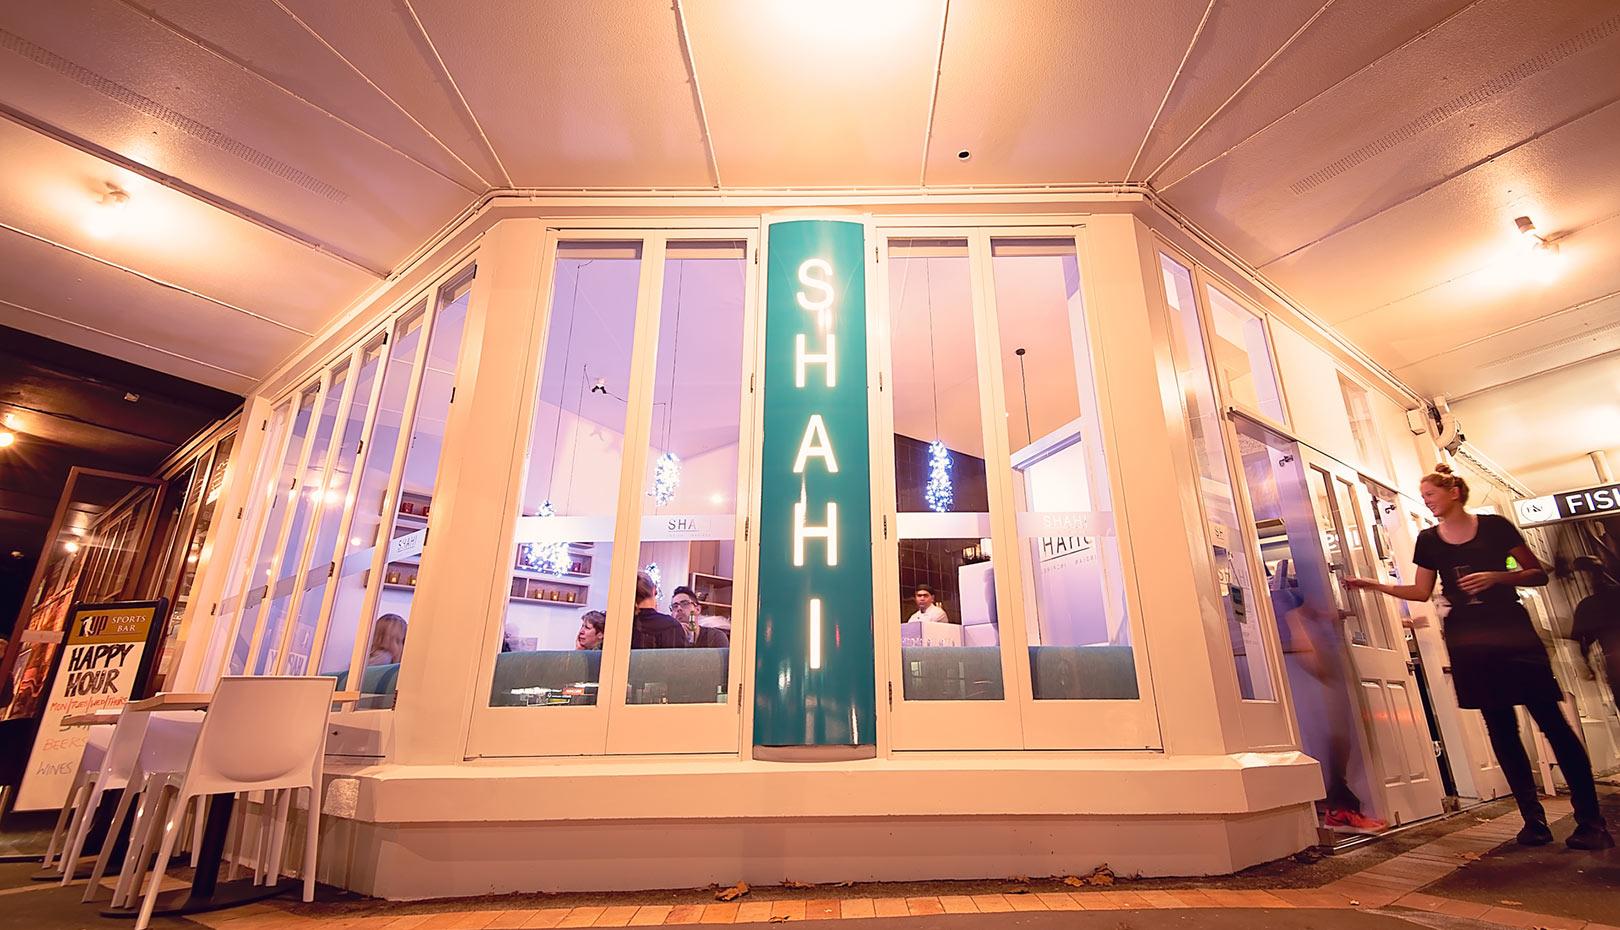 shahi-slide-5